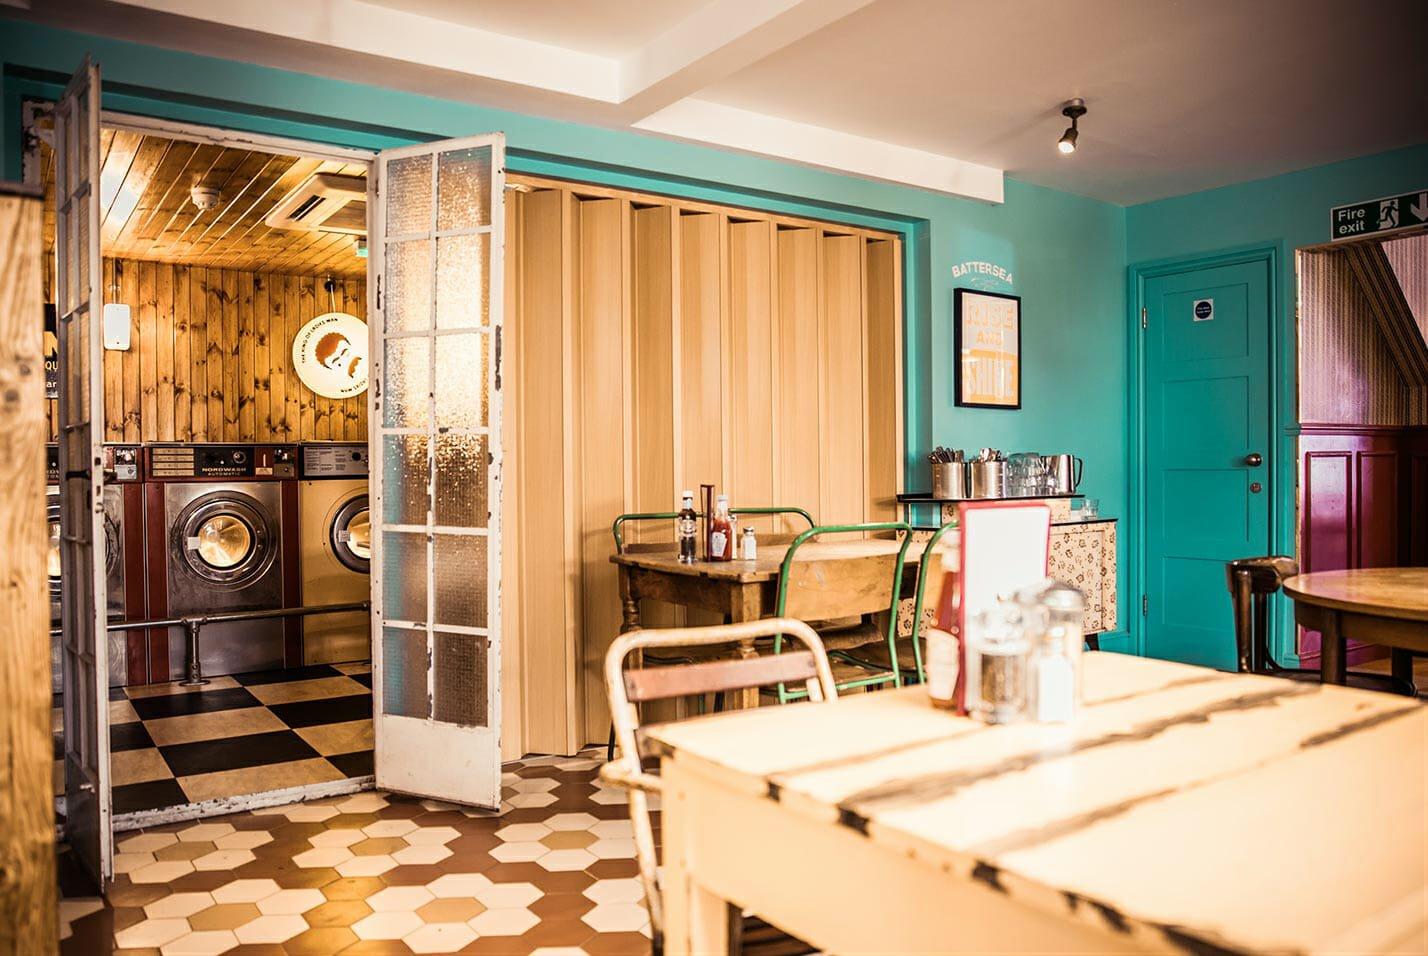 Battersea Breakfast Club